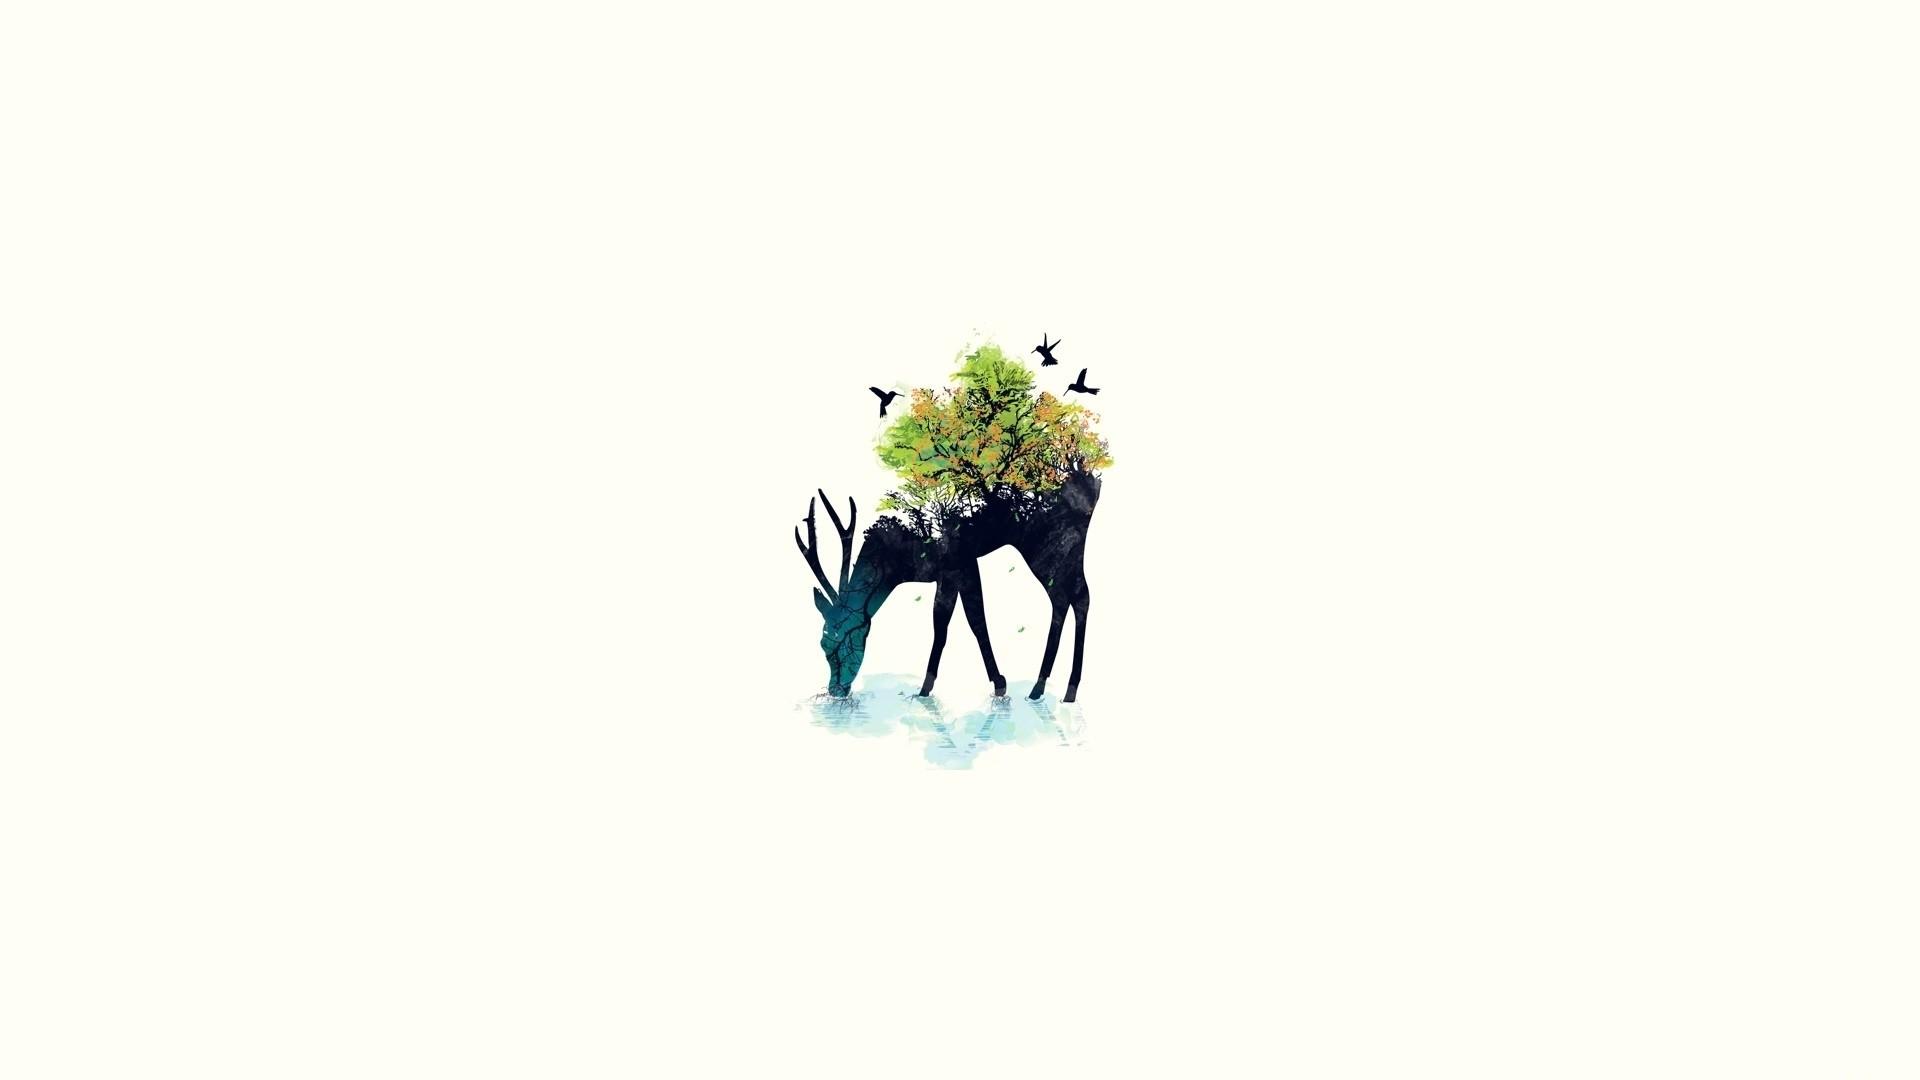 Wallpaper deer, minimalism, vector, background, nature